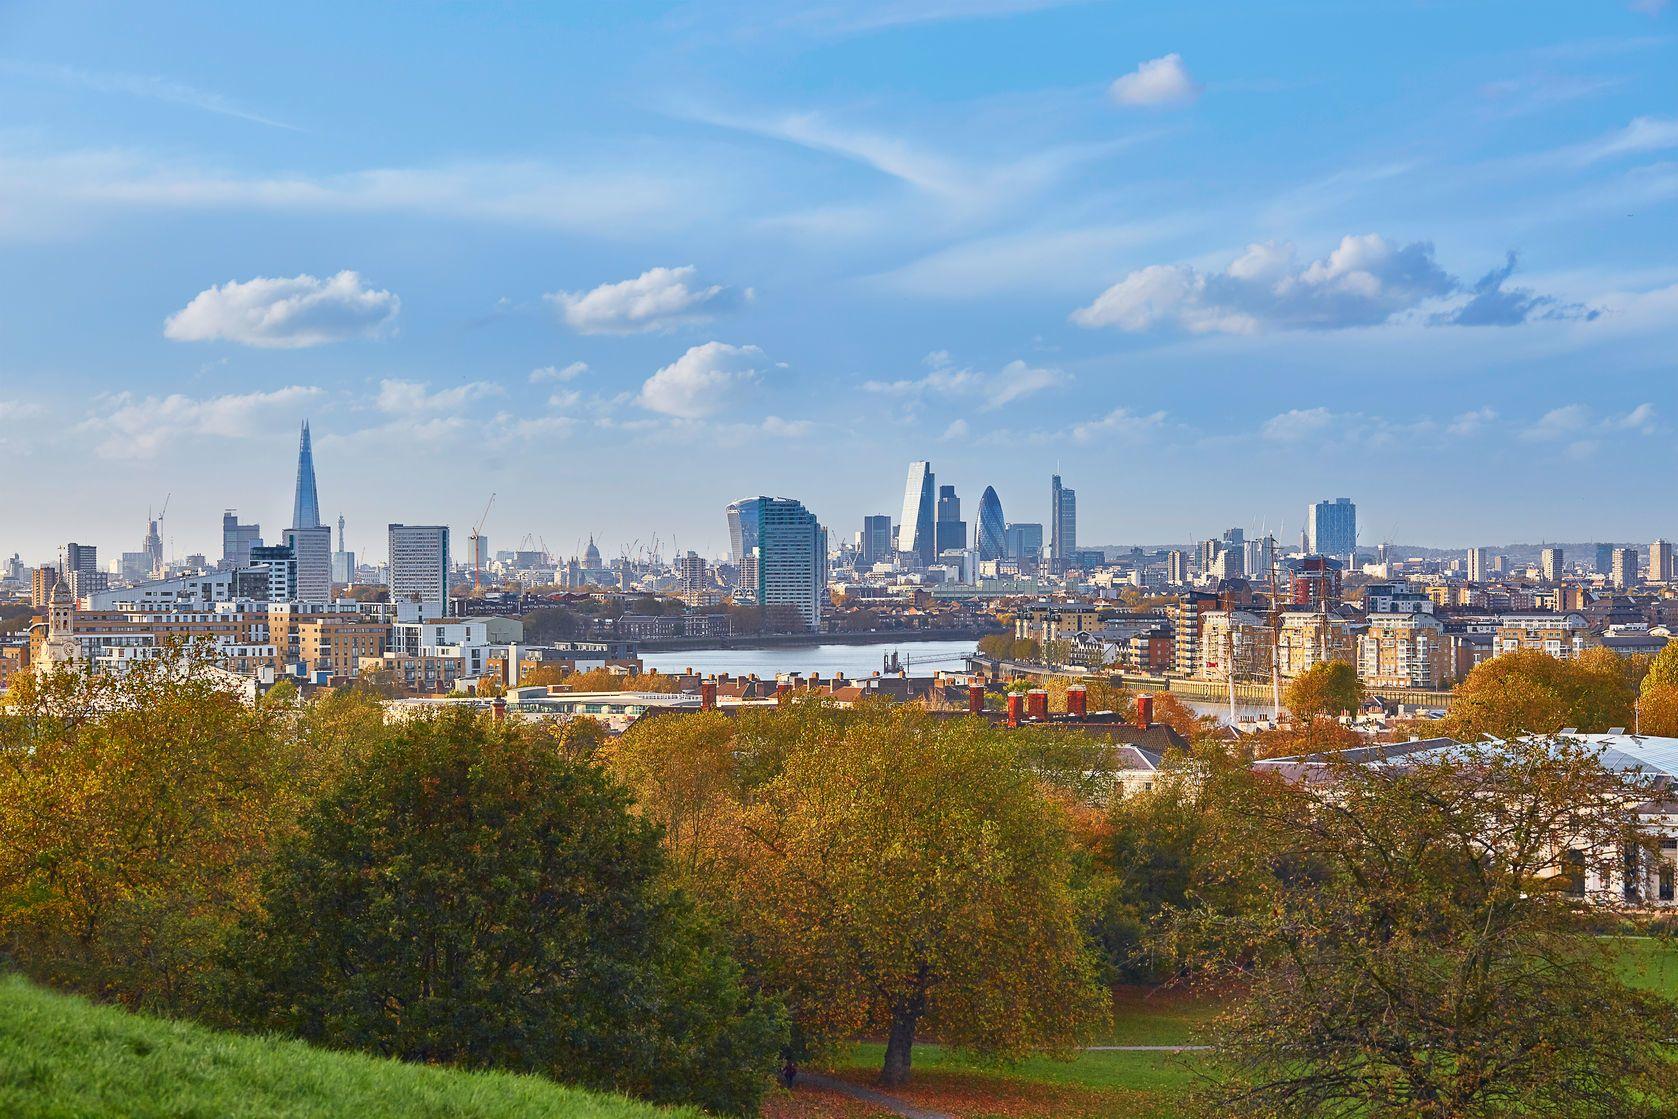 Krajina v Londýně | epokrovsky/123RF.com